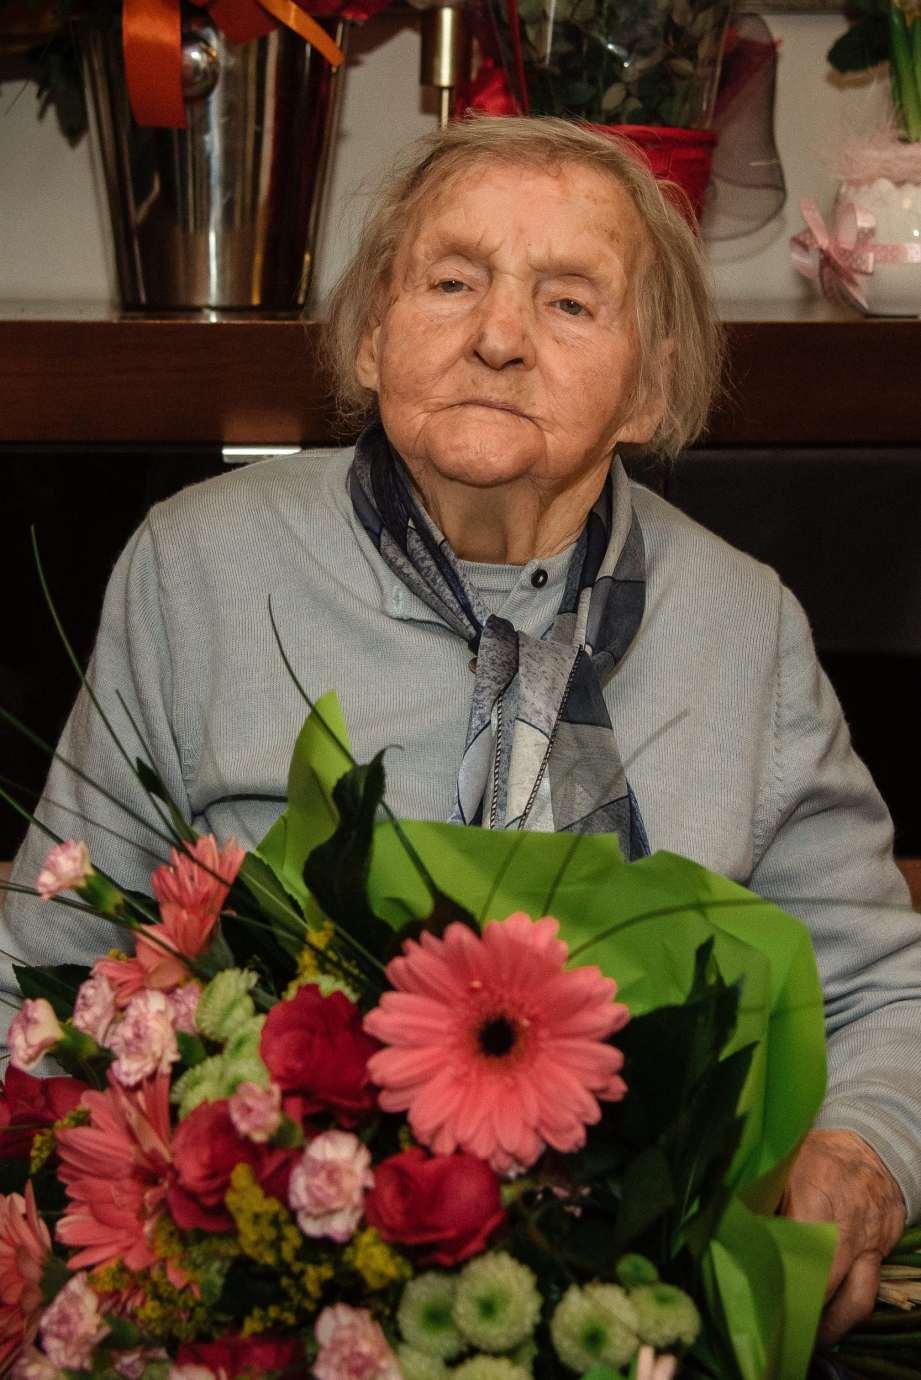 stulatka z kwiatami Piękny jubileusz mieszkanki gm. Zamość. Pani Marianna skończyła 100 lat [ZDJECIA]